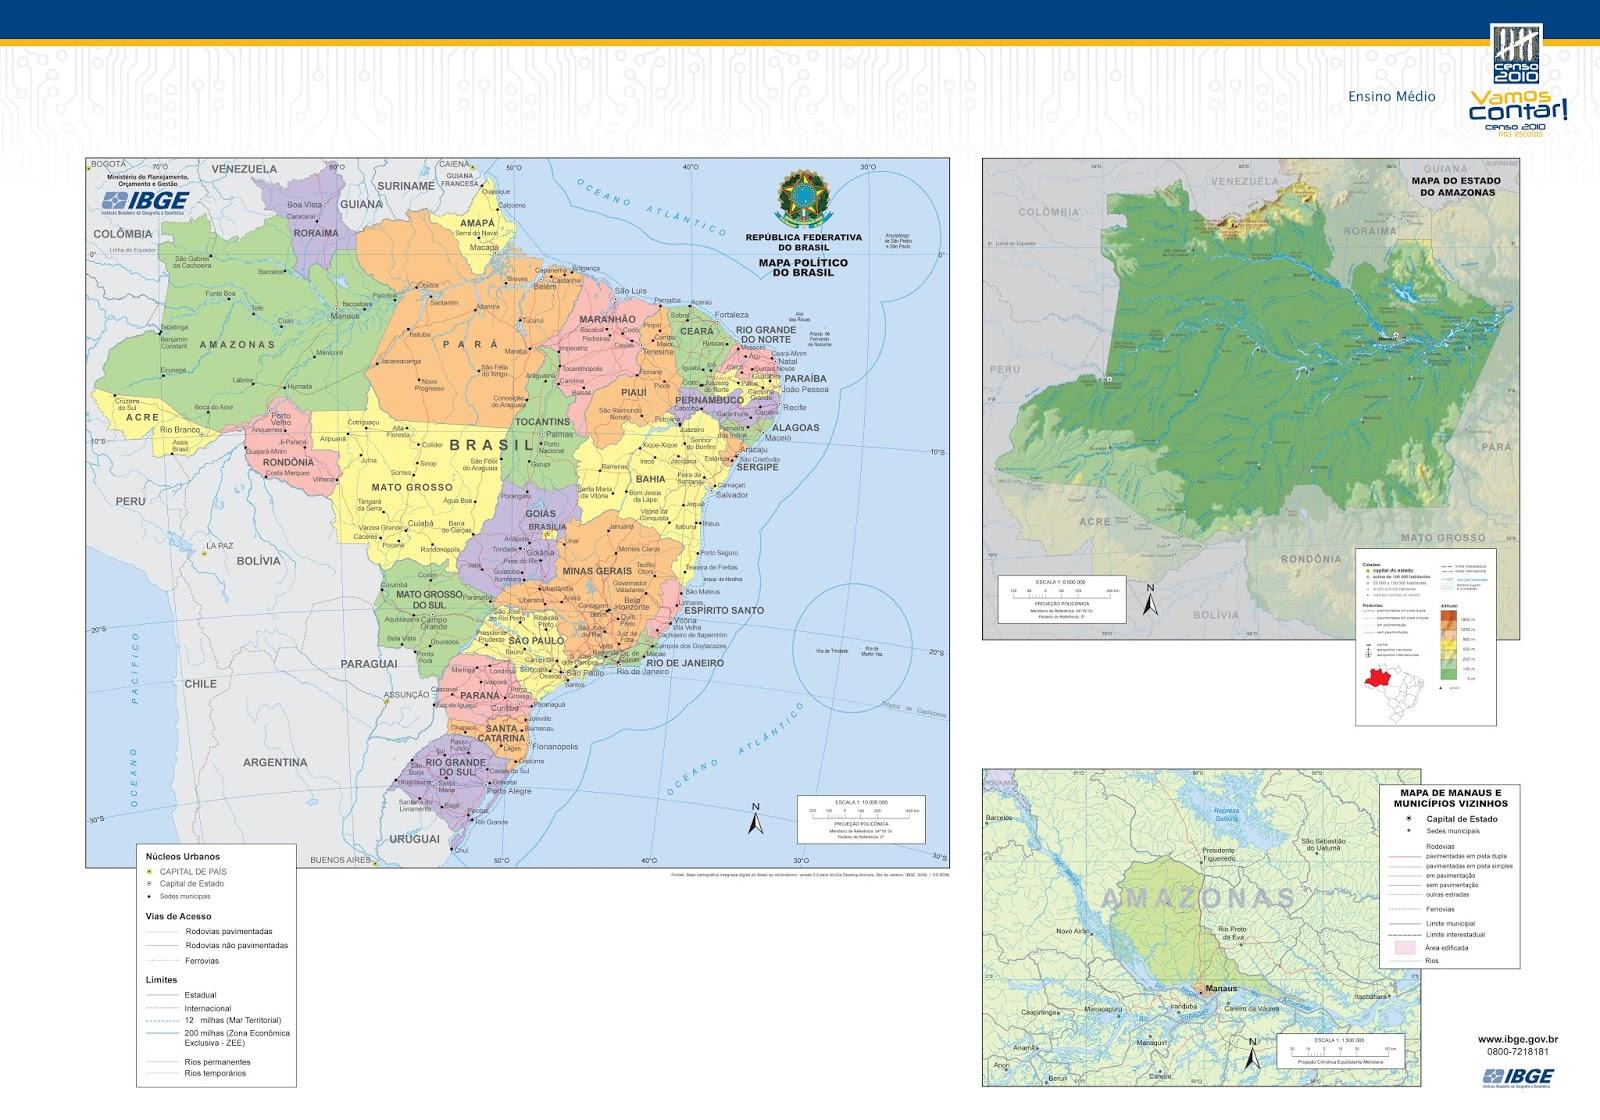 Mapas do Estado do Amazonas